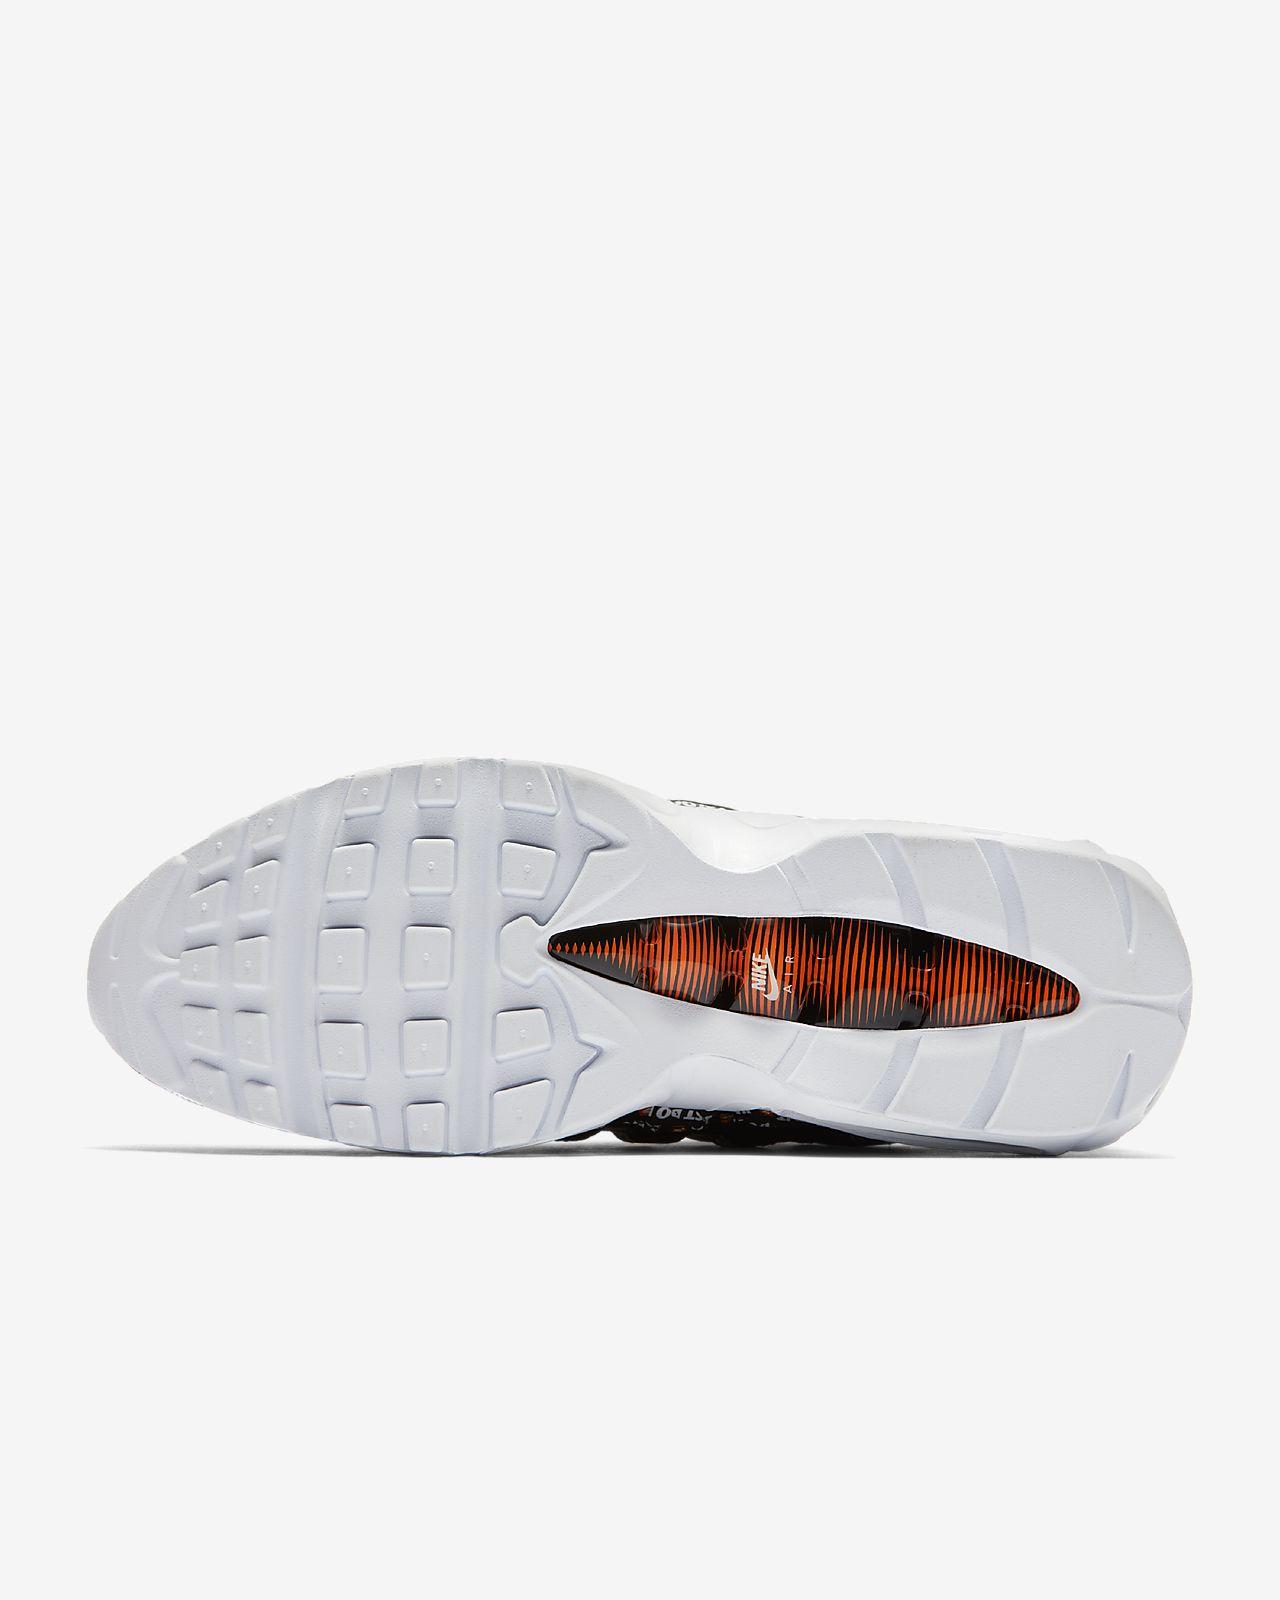 dde29ef3fd8dbc Nike Air Max 95 SE Men s Shoe. Nike.com AU